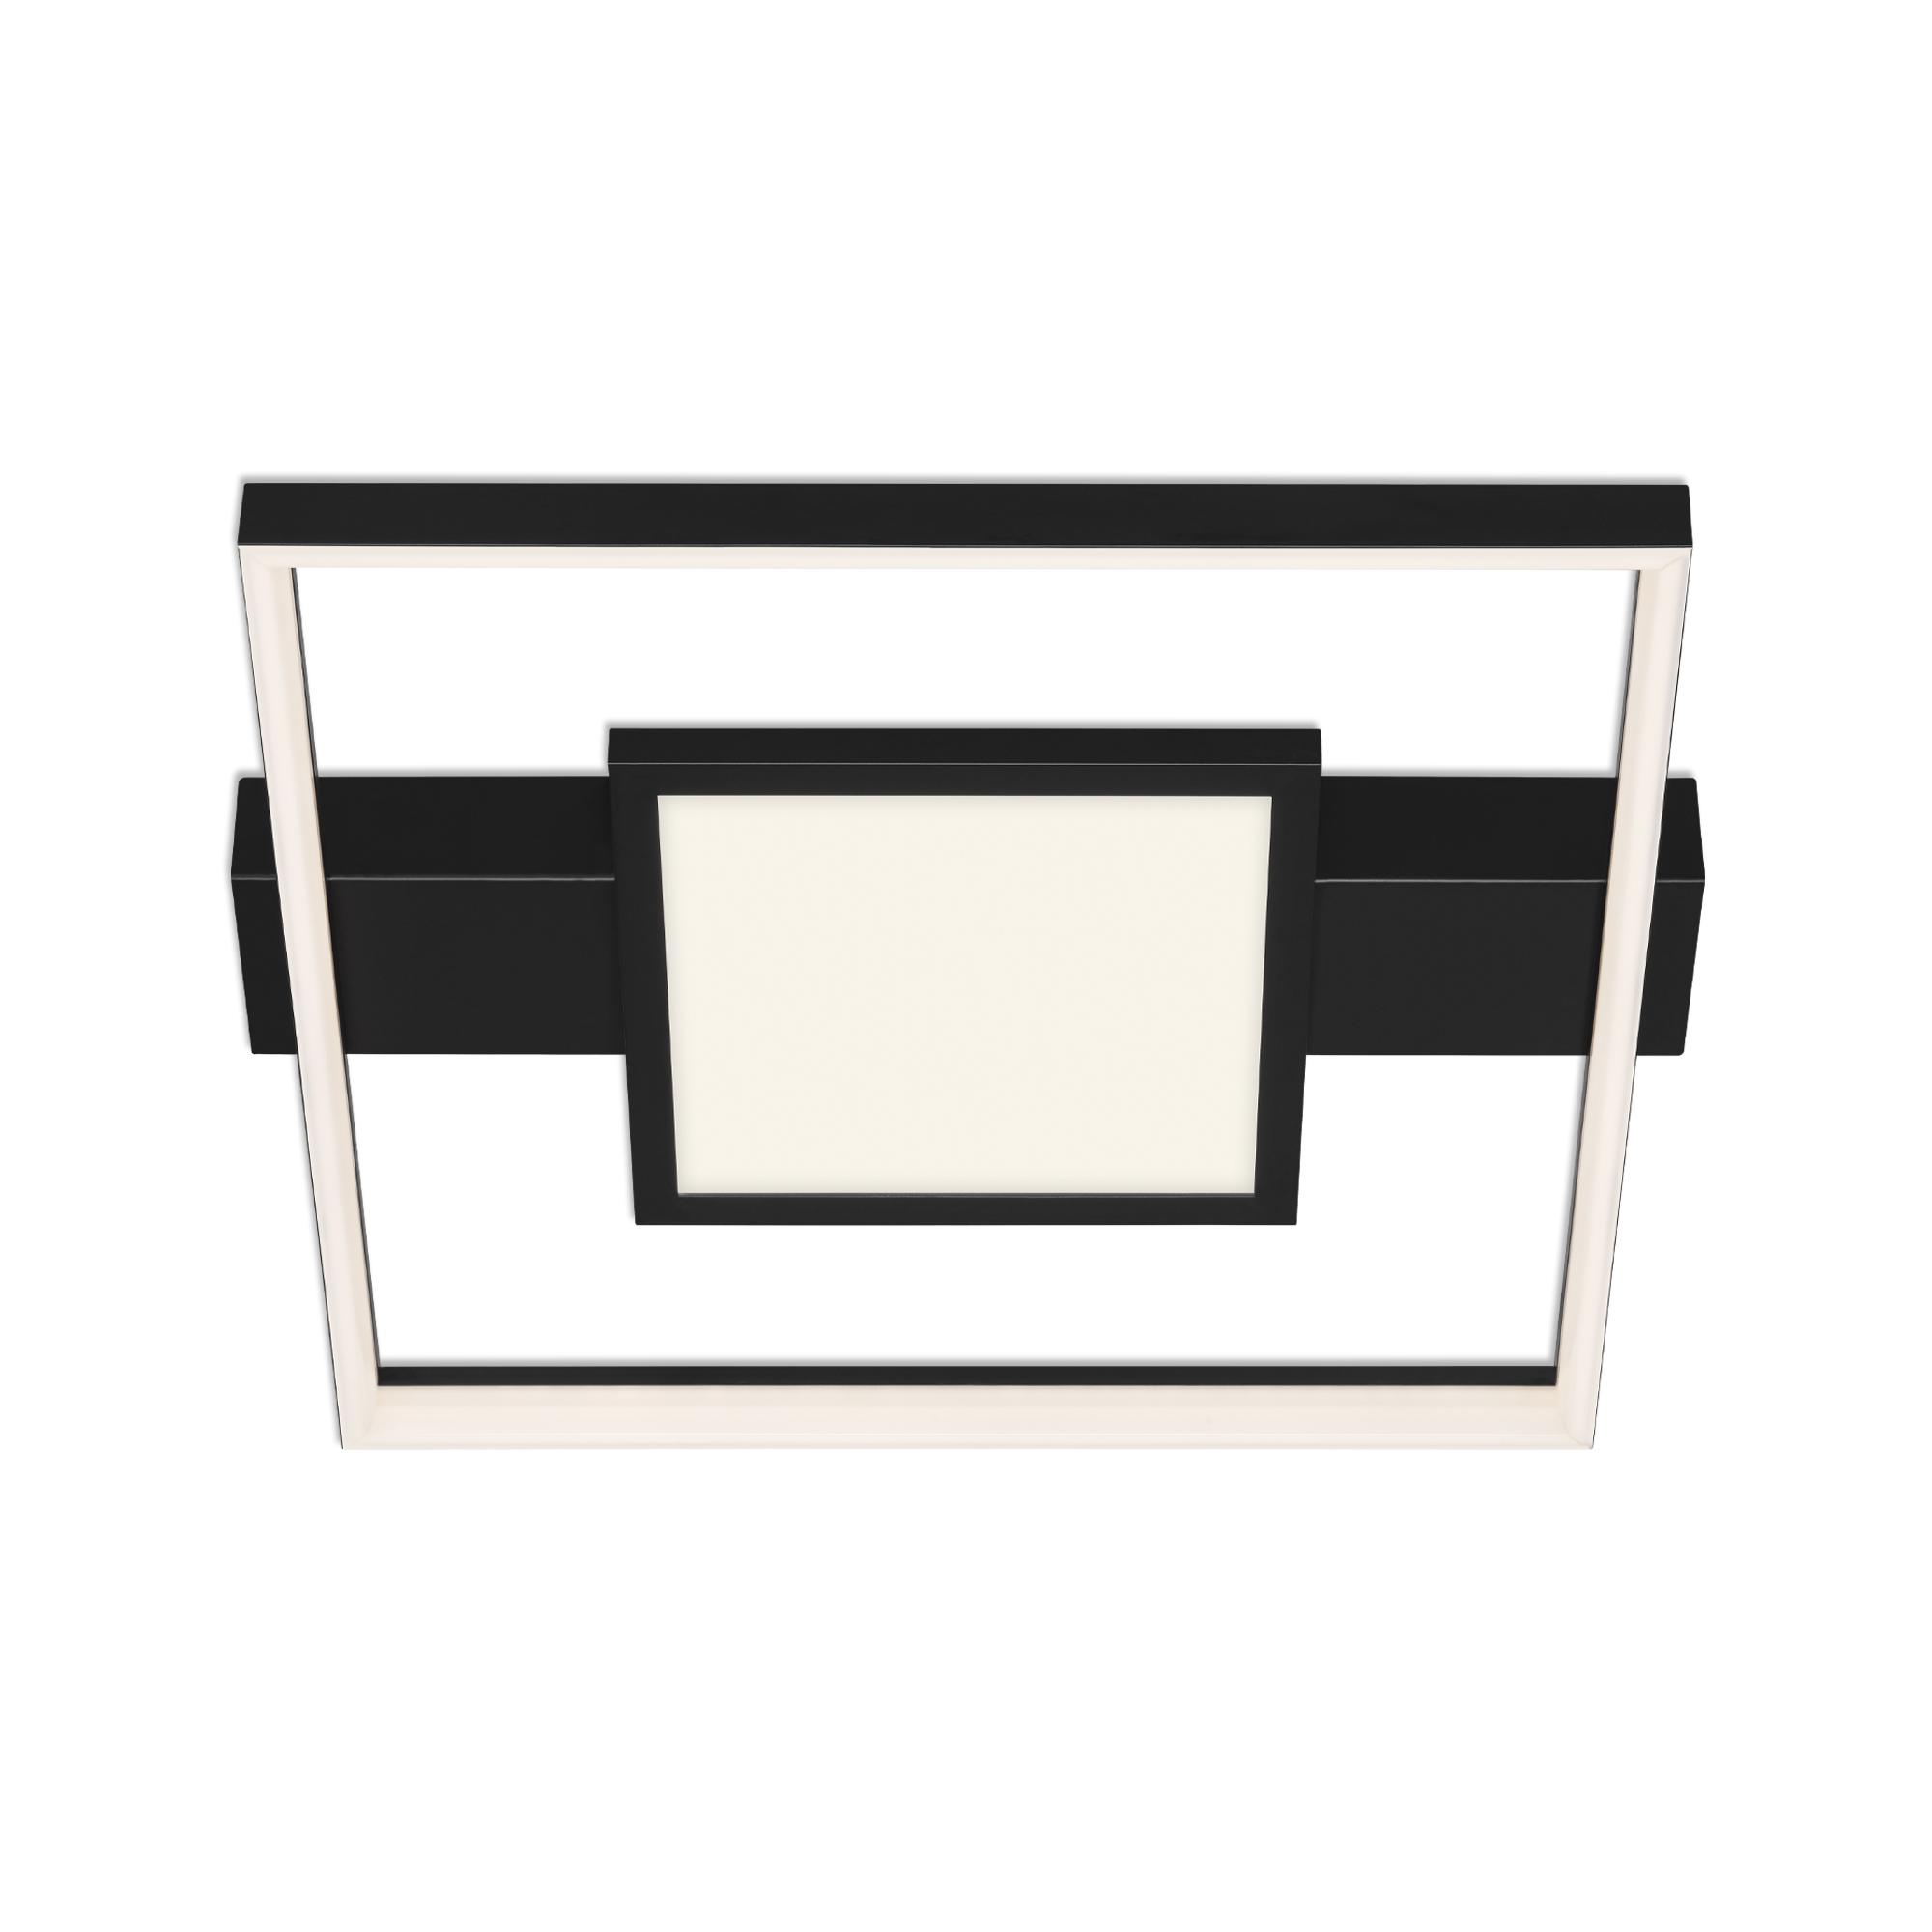 LED Wand- und Deckenleuchte, 43,5 cm, 38 W, Schwarz